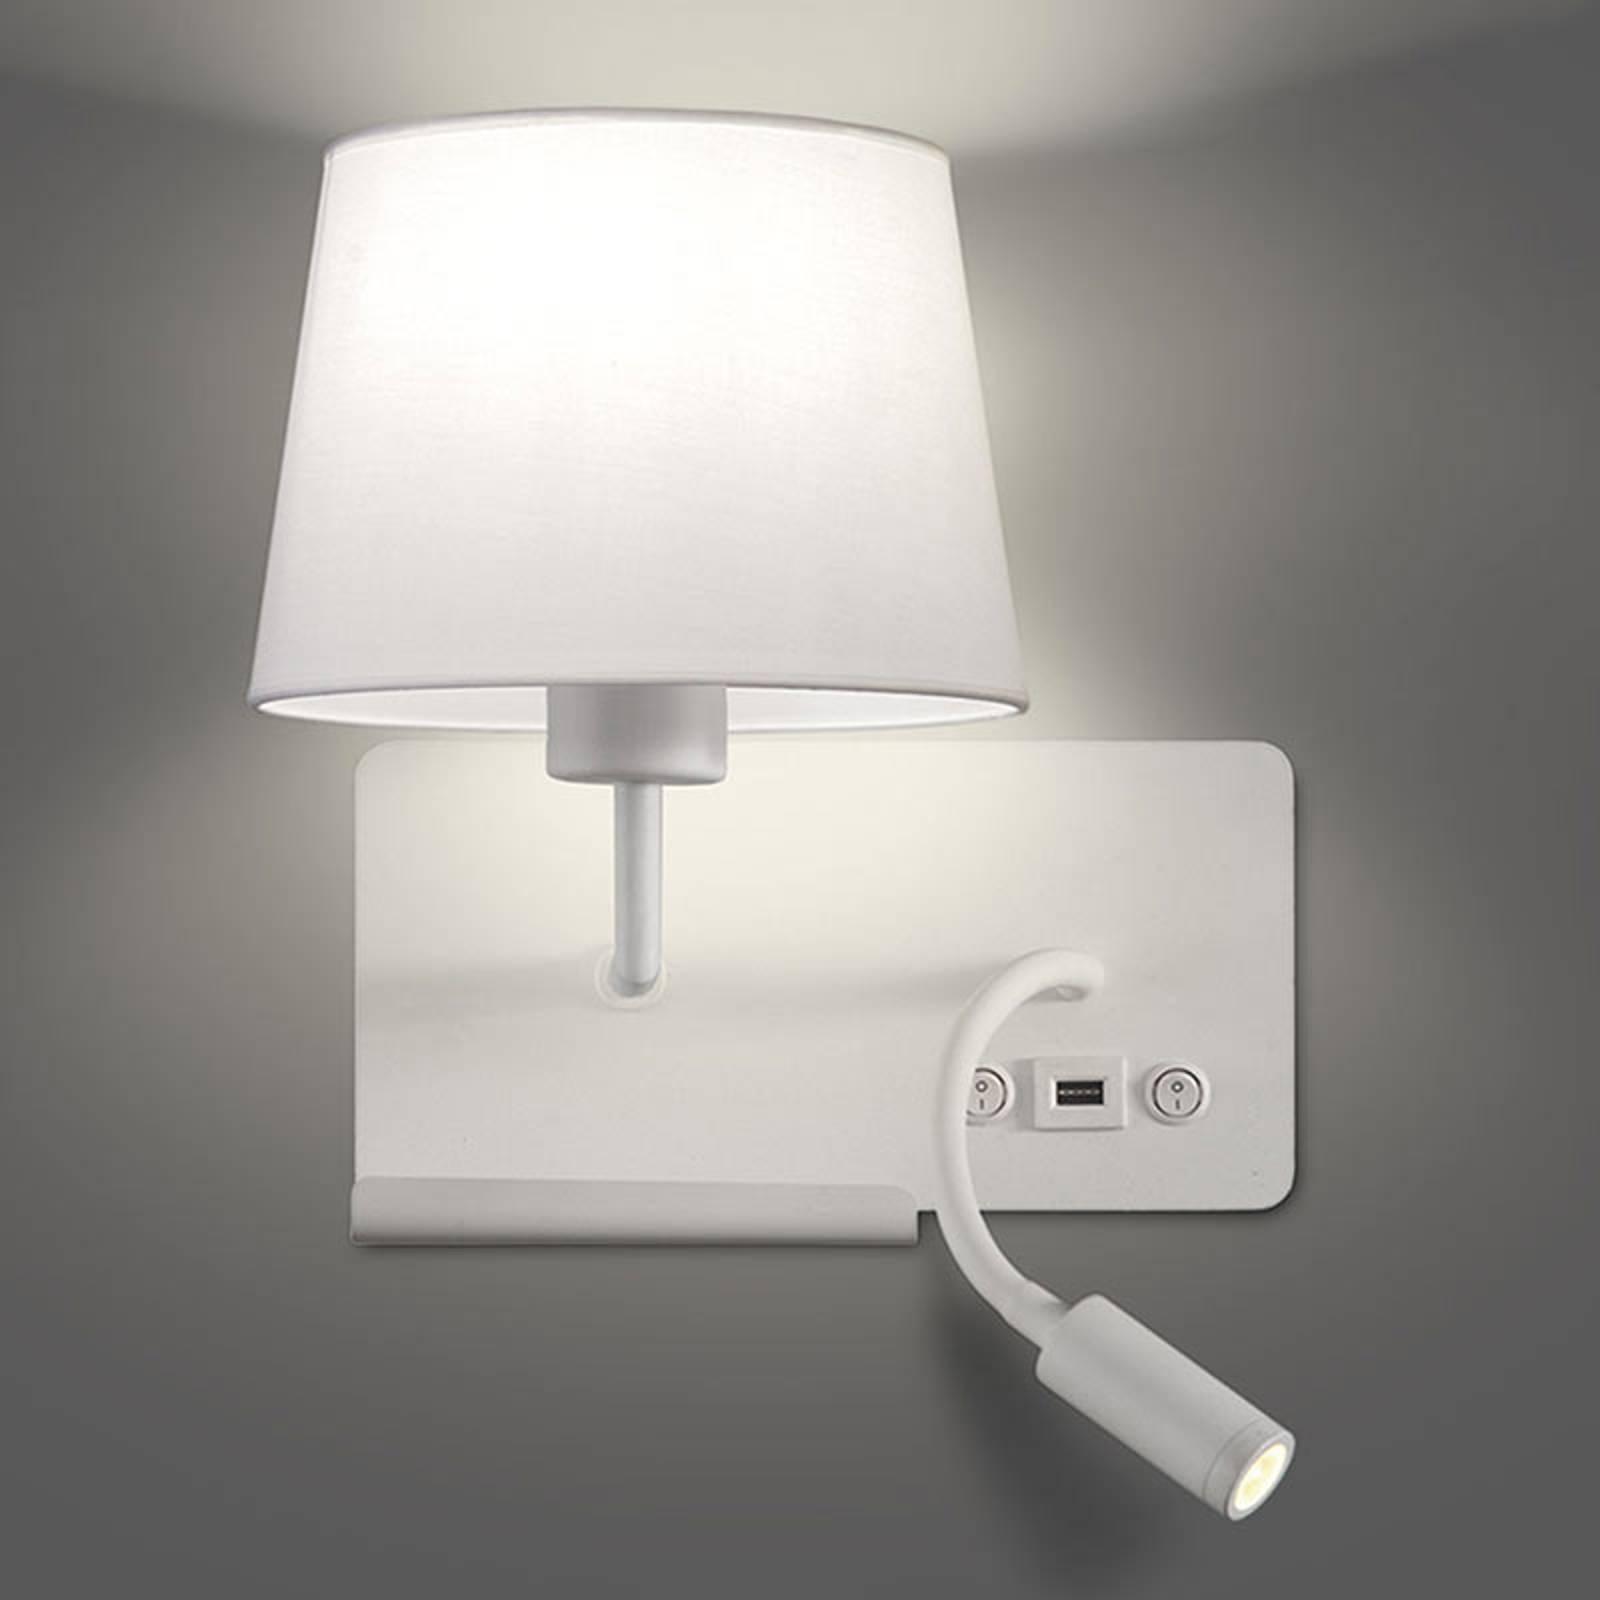 Seinälamppu Hold vasen, lukuvarsi ja USB-liitäntä